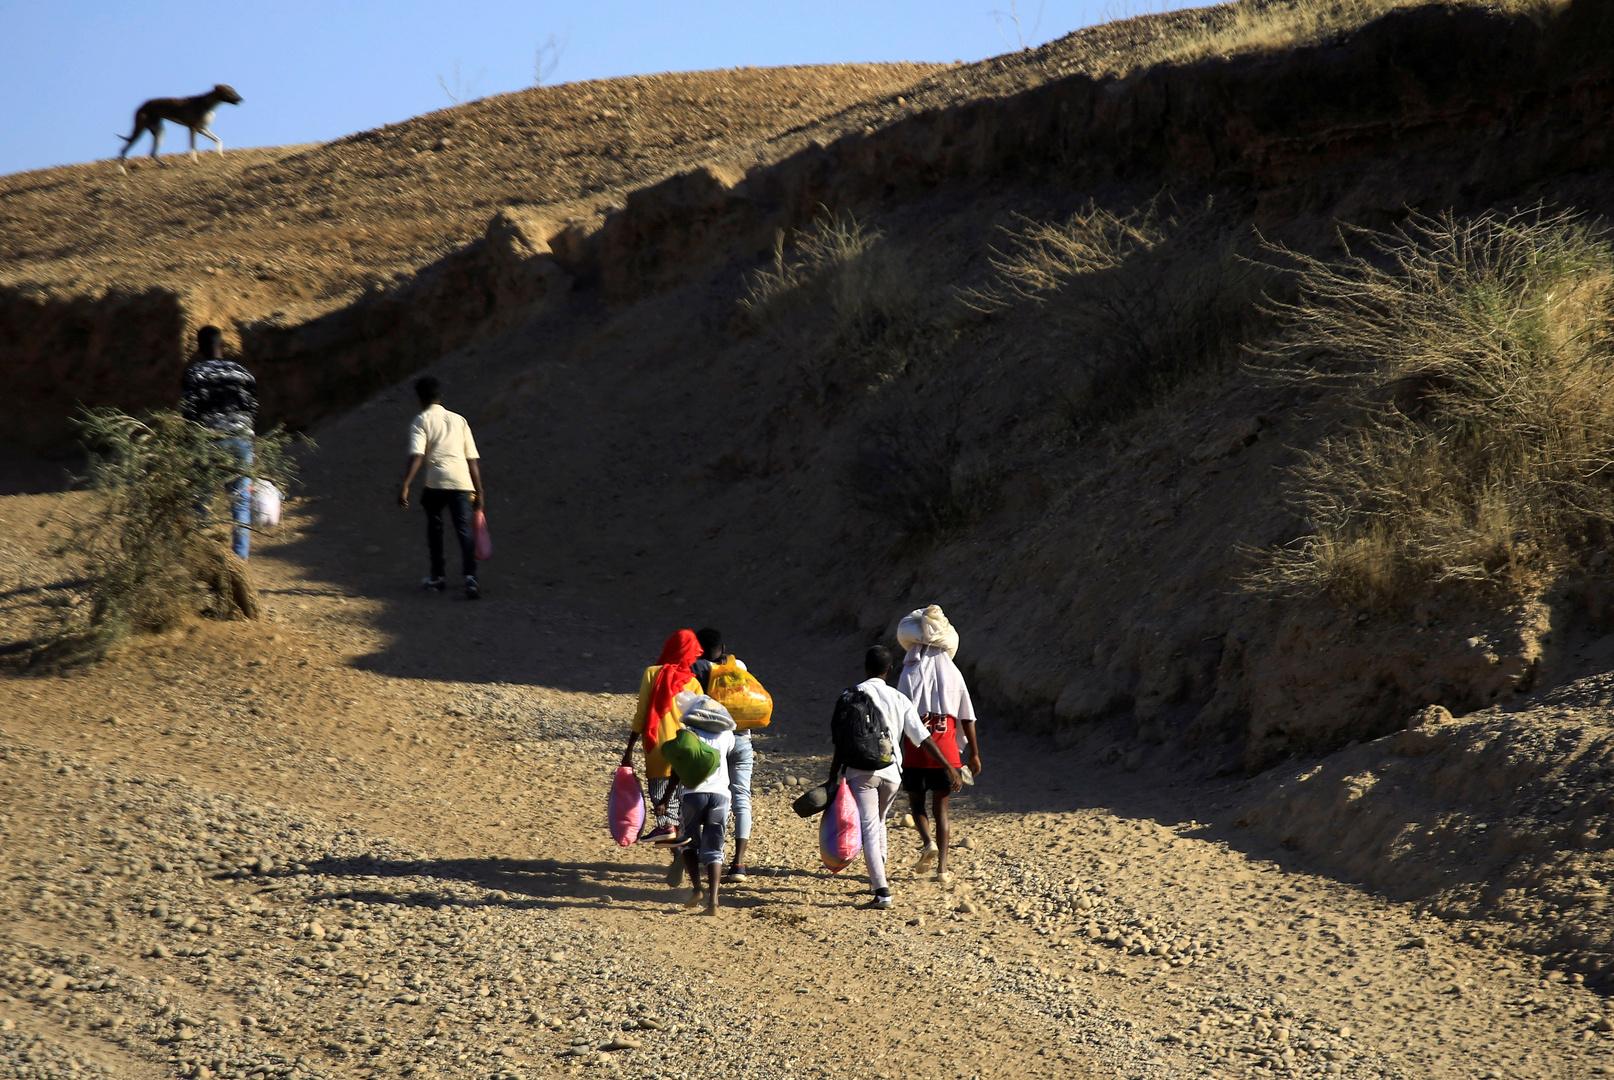 إثيوبيون يعبرون الحدود إلى السودان أثناء فرارهم من القتال ليستقروا في قرية الحميدية على الحدود السودانية الإثيوبية